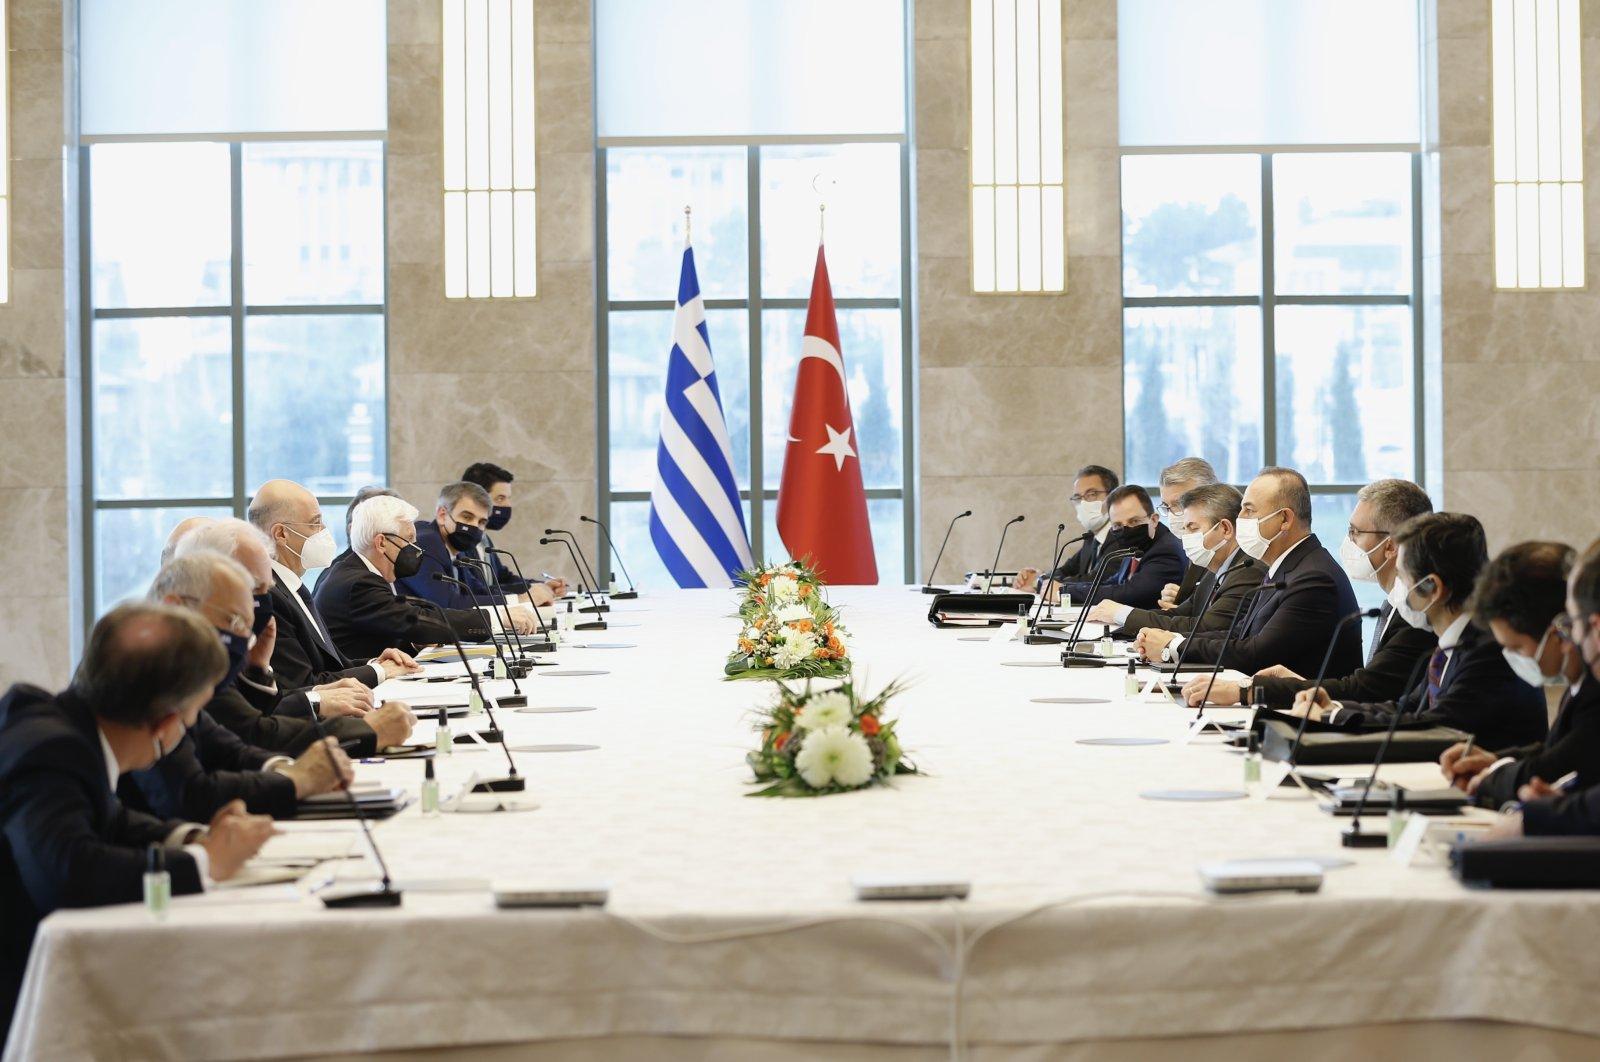 Turkish and Greek delegations meet in the capital Ankara, Turkey, April 15, 2021. (AA Photo)